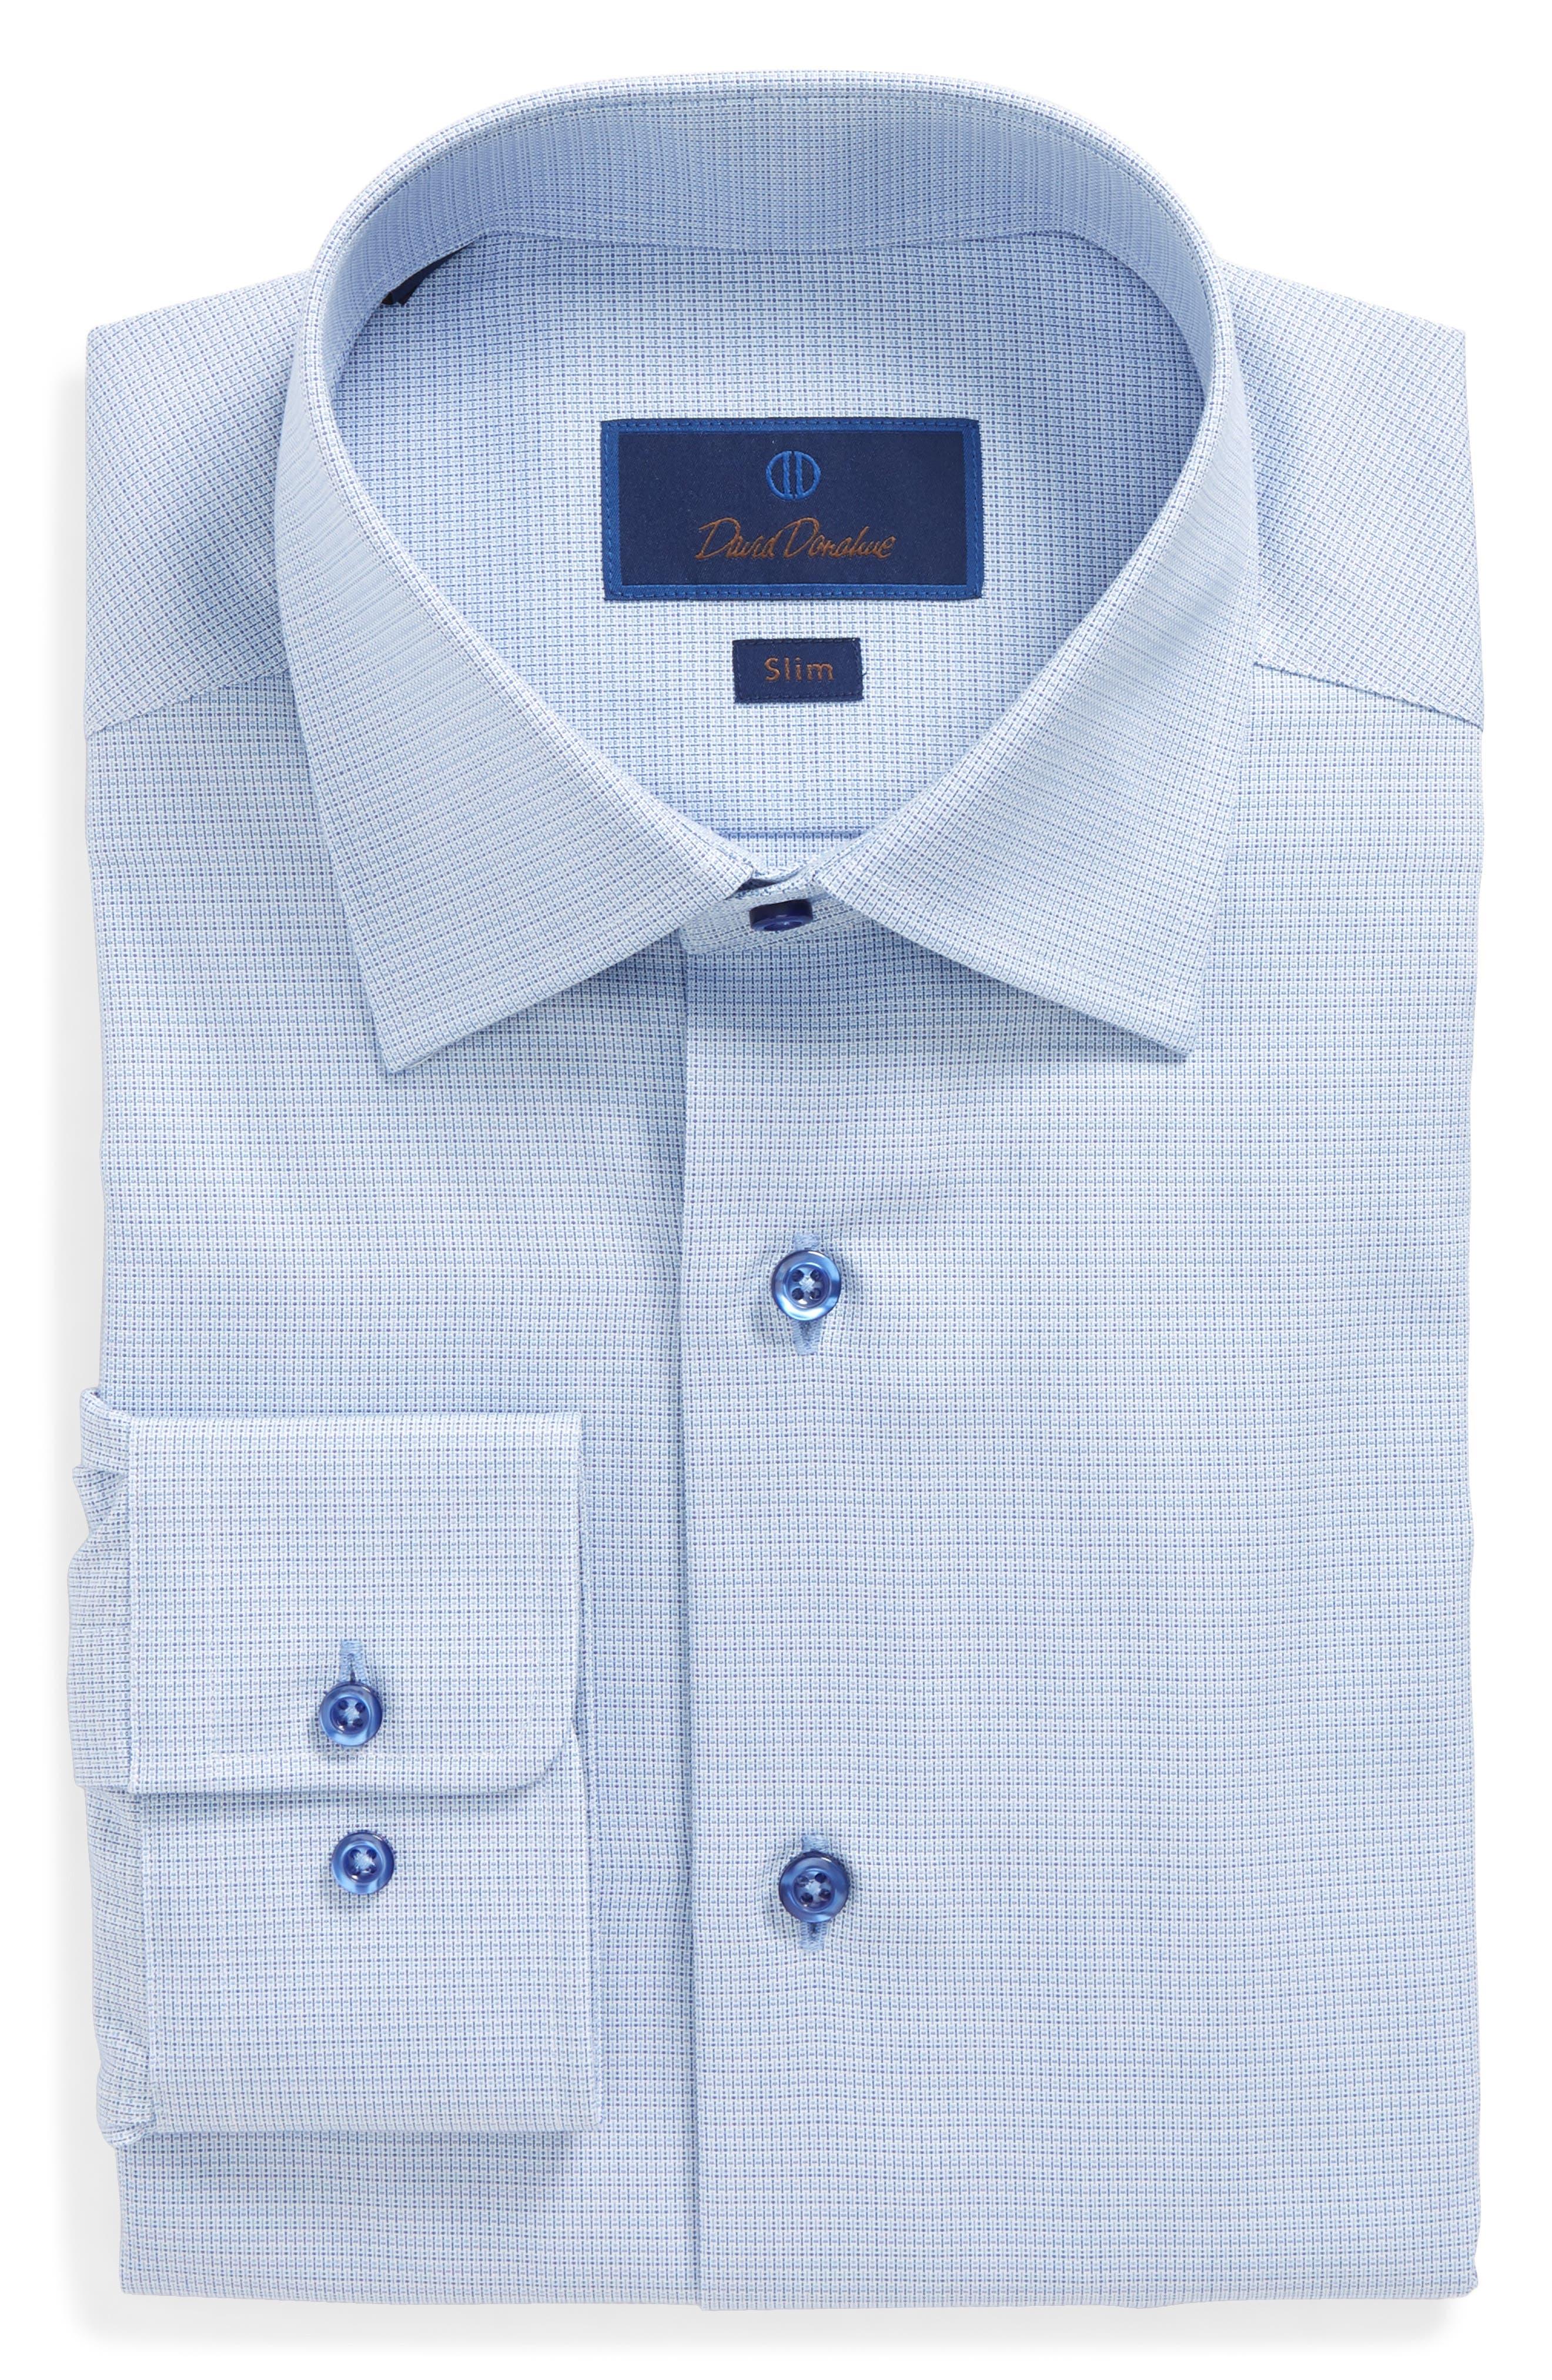 Main Image - David Donahue Print Slim Fit Dress Shirt